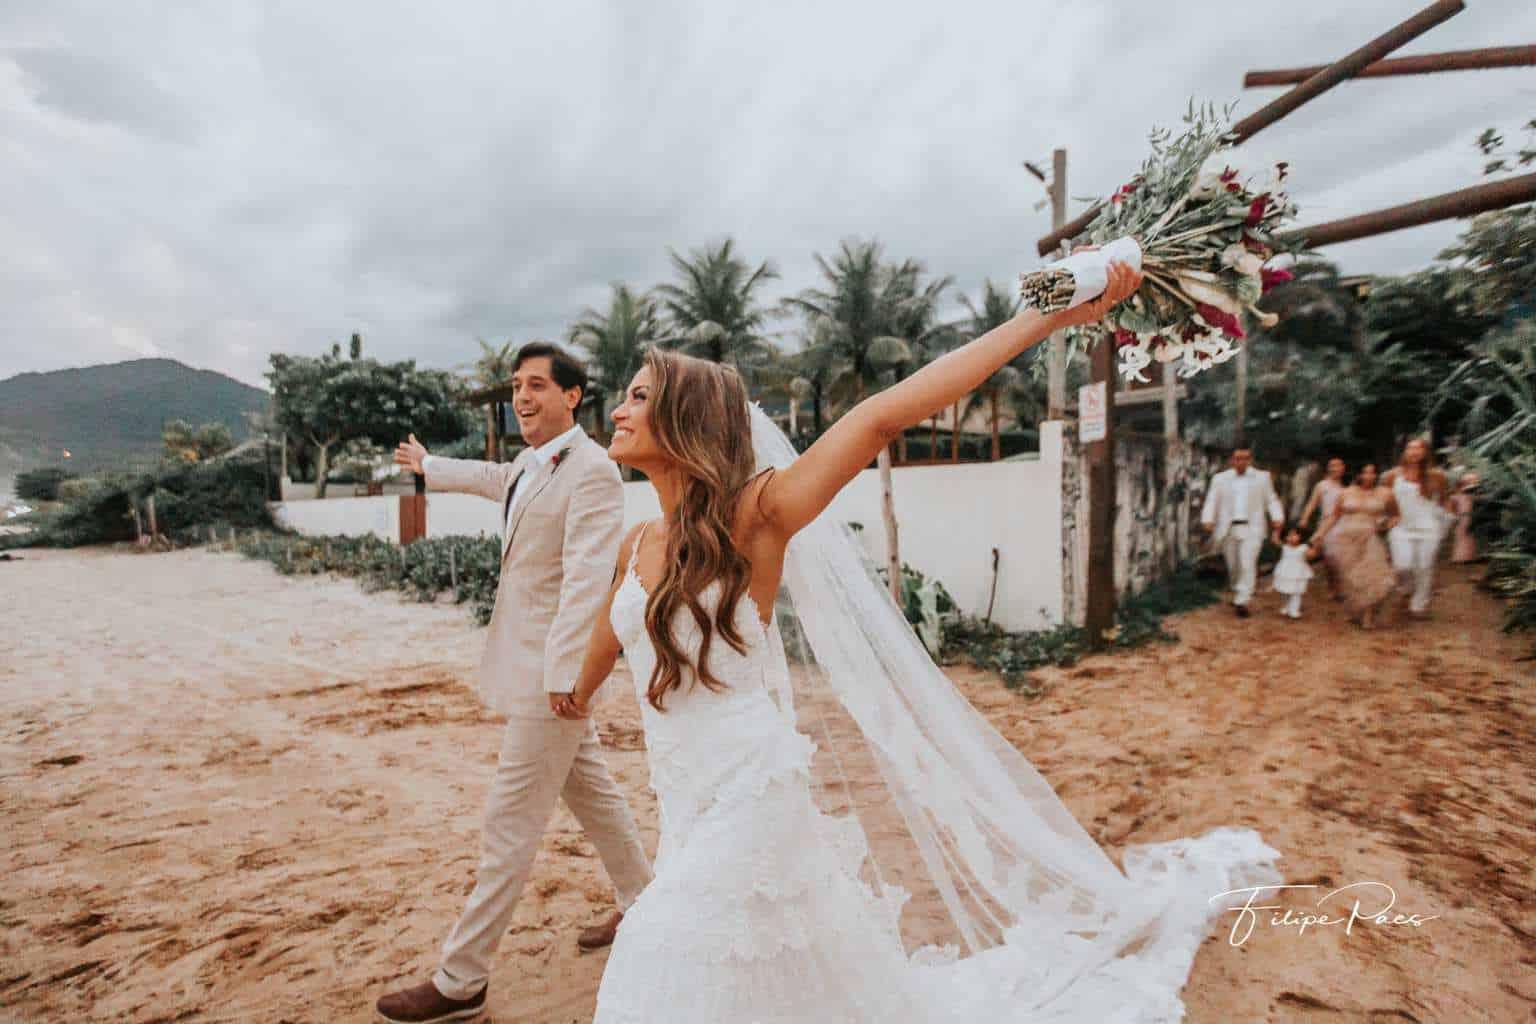 casamento-ao-ar-livre-casamento-de-dia-casamento-Maira-e-Erick-casamento-na-praia-cerimônia-Fotografia-Filipe-Paes-Studio-47-Luaia-Cabanas-Maresias-São-Paulo-16